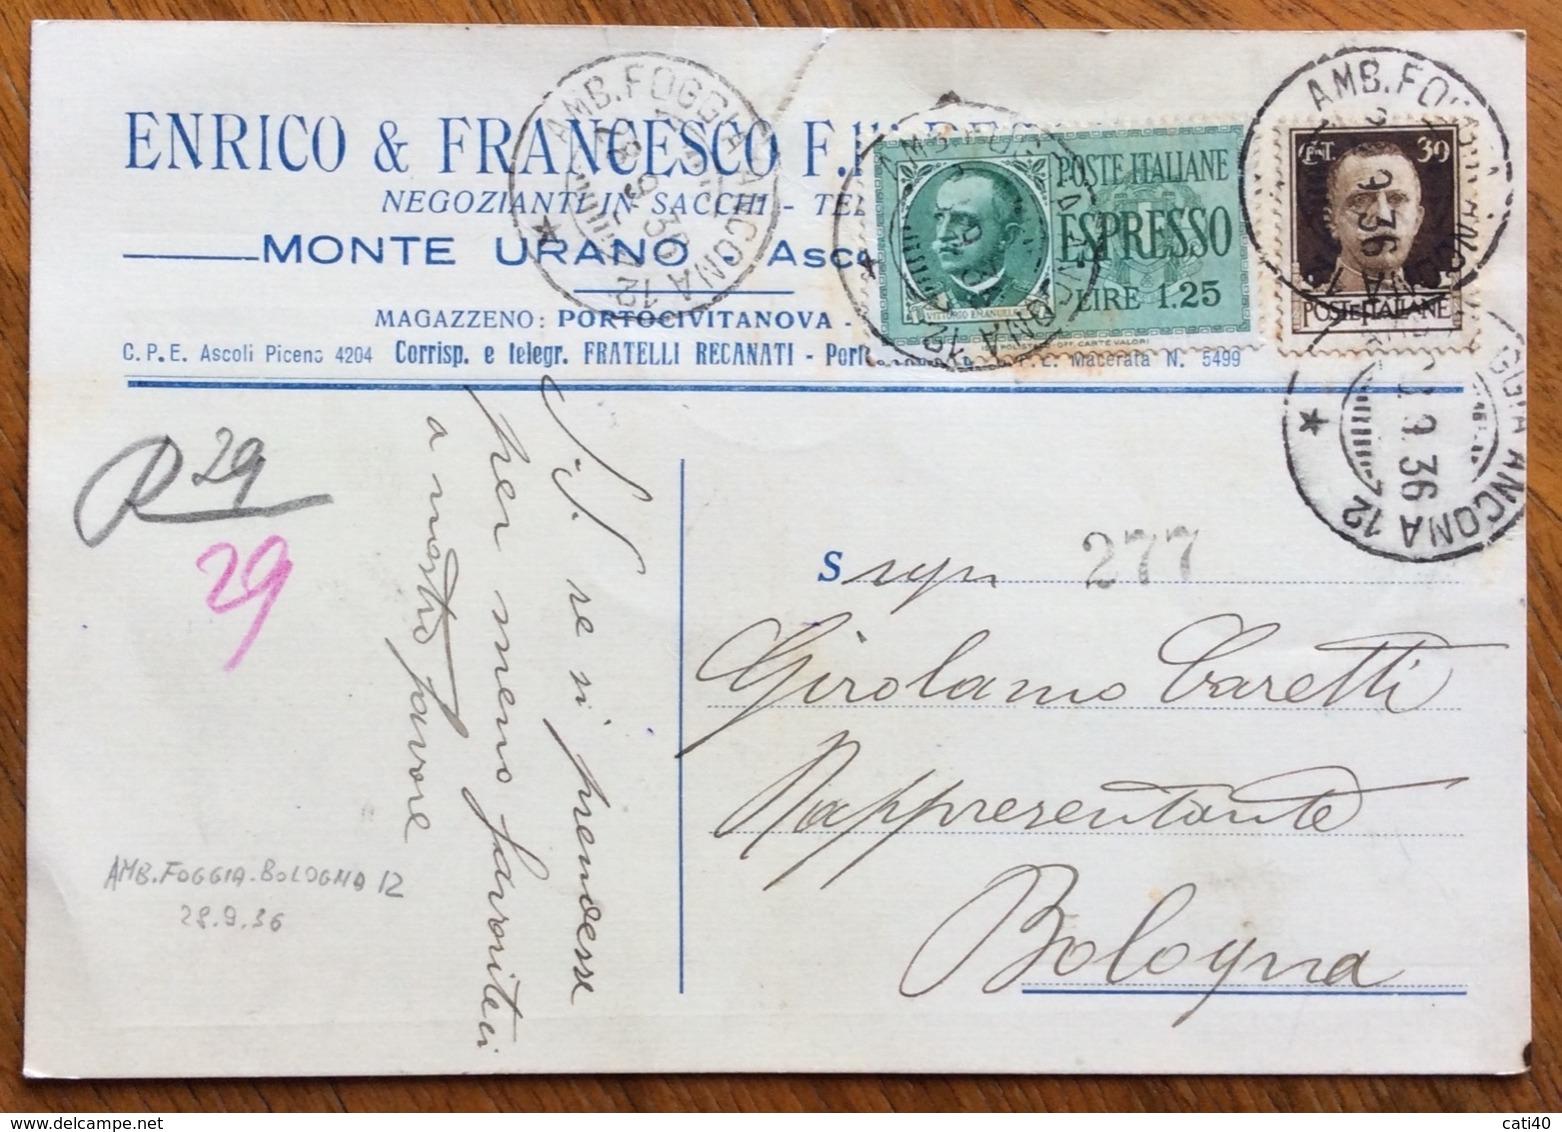 MONTE URANO  SACCHI TELE F.LLI RECANATI CARTOLINA AUTOGRAFA  CON AMBULANTE FOGGIA-ANCONA 12 * 28/9/36 - Werbepostkarten